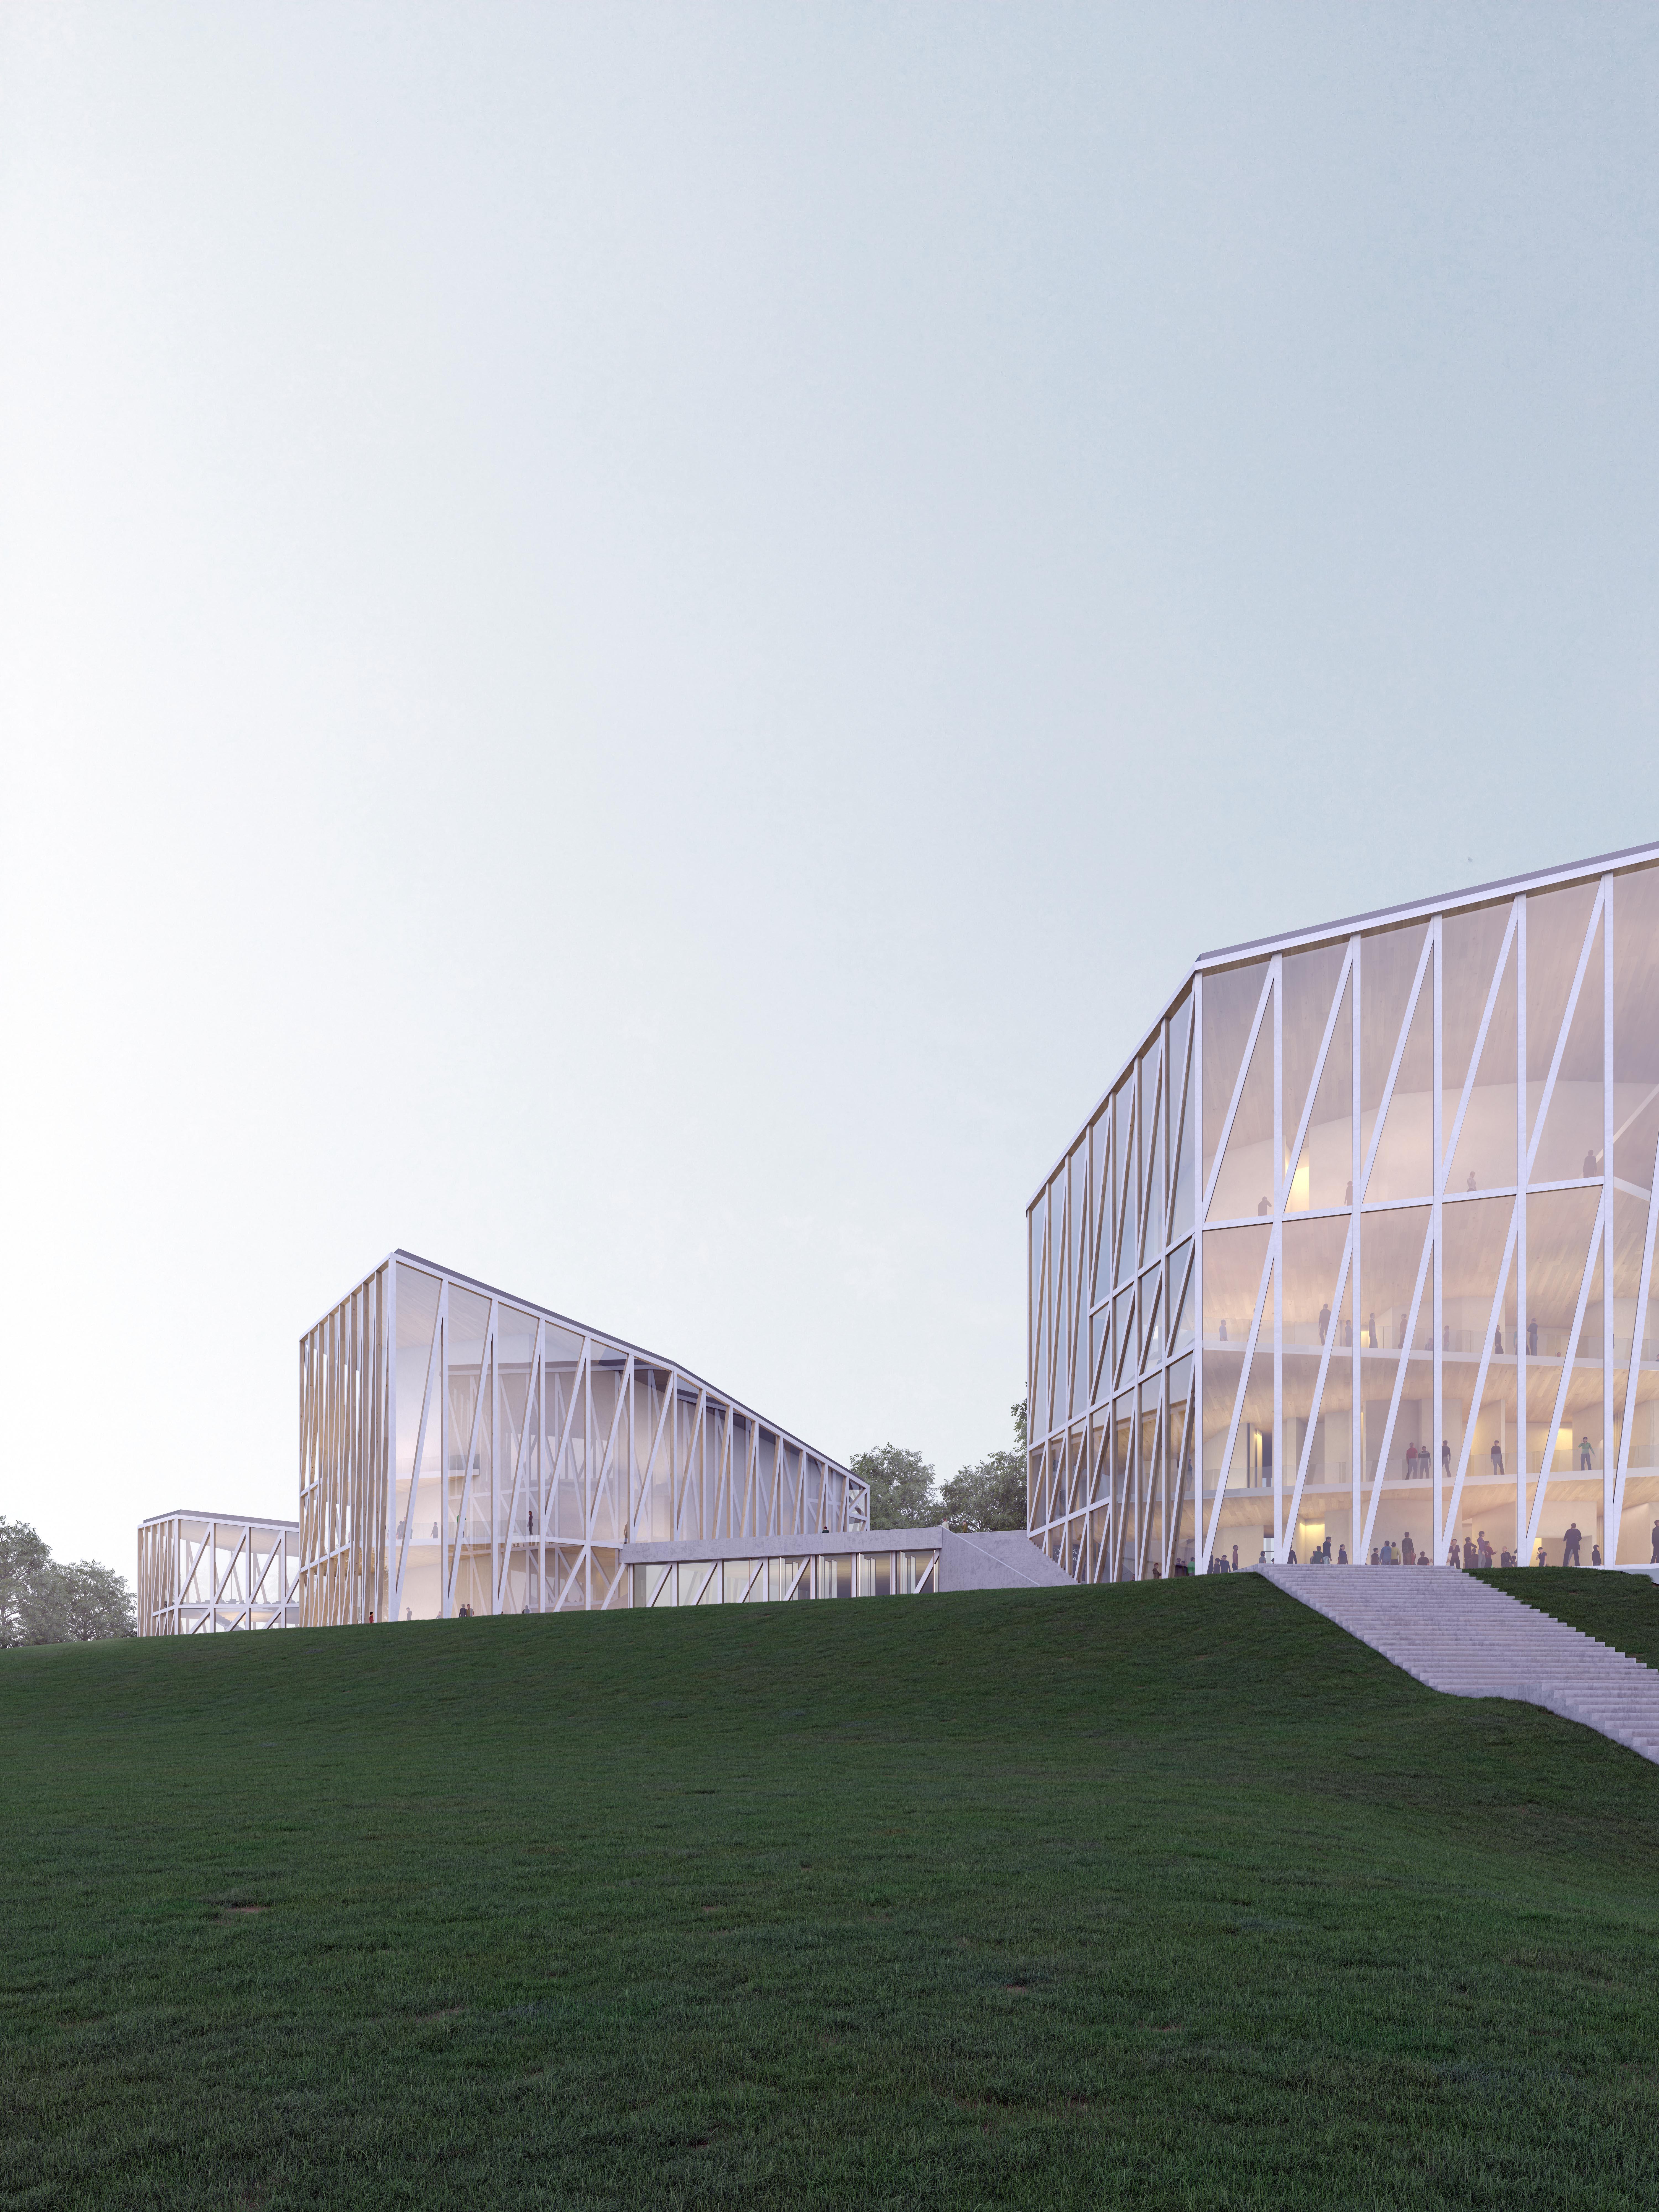 Nacionalinės koncertų salės vaizdas iš lauko   Vilniaus miesto savivaldybės nuotr.